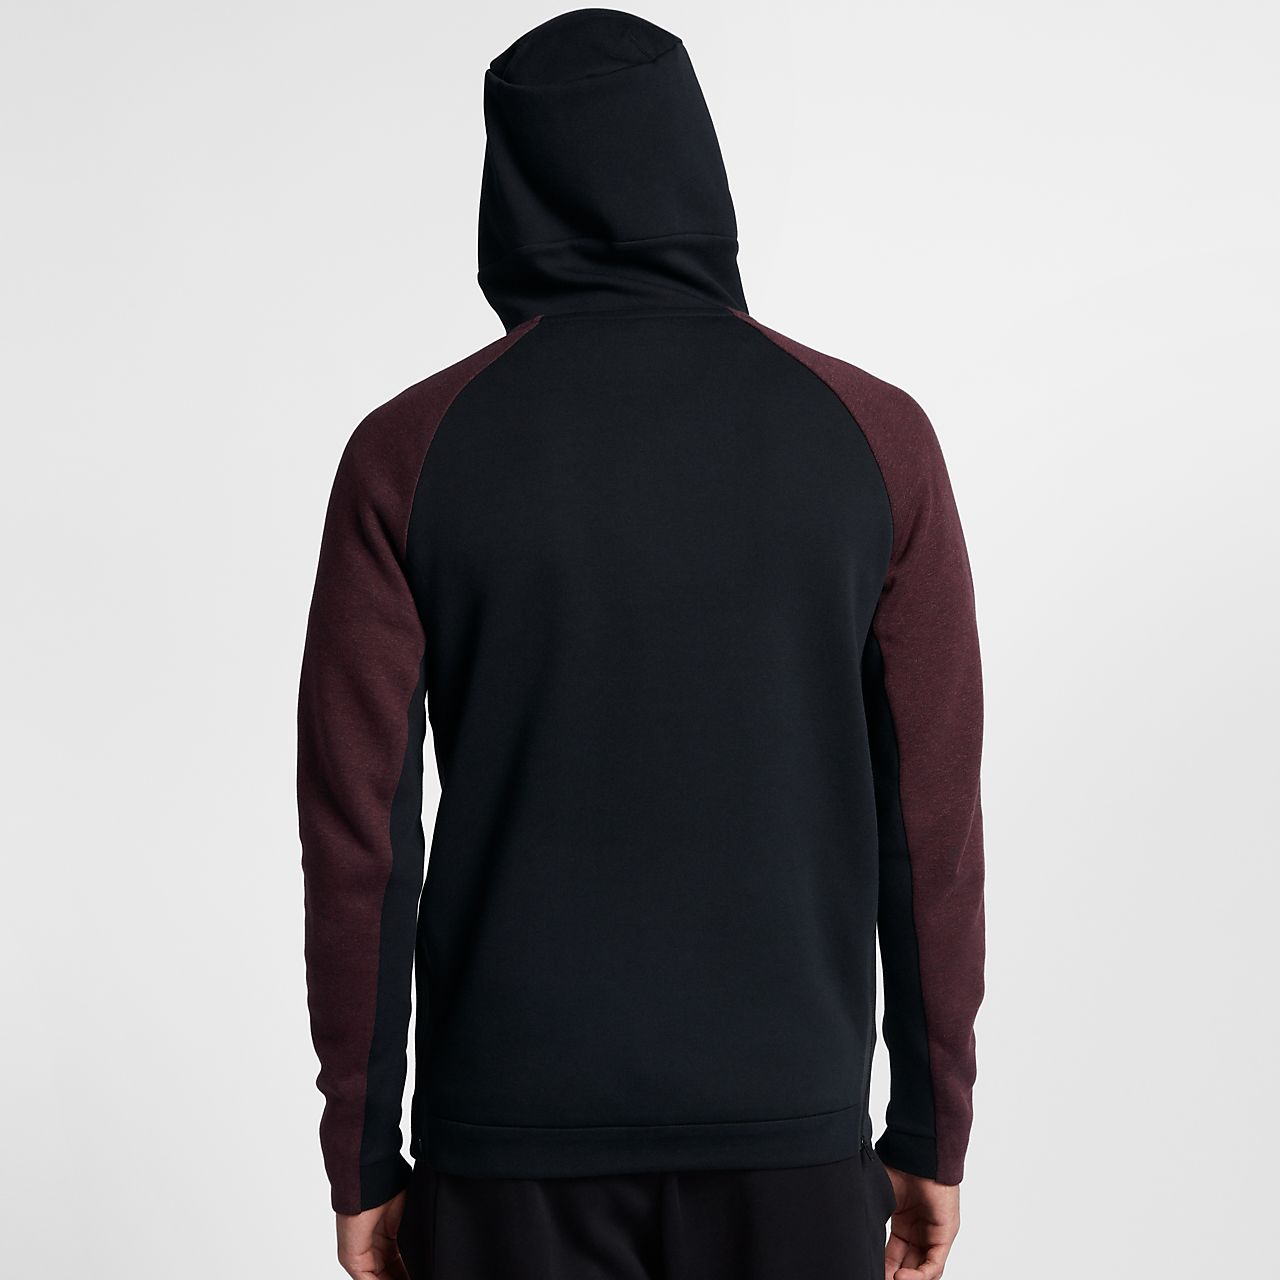 070f371ff Nike Sportswear Tech Fleece Men's Half-Zip Hoodie. Nike.com NZ